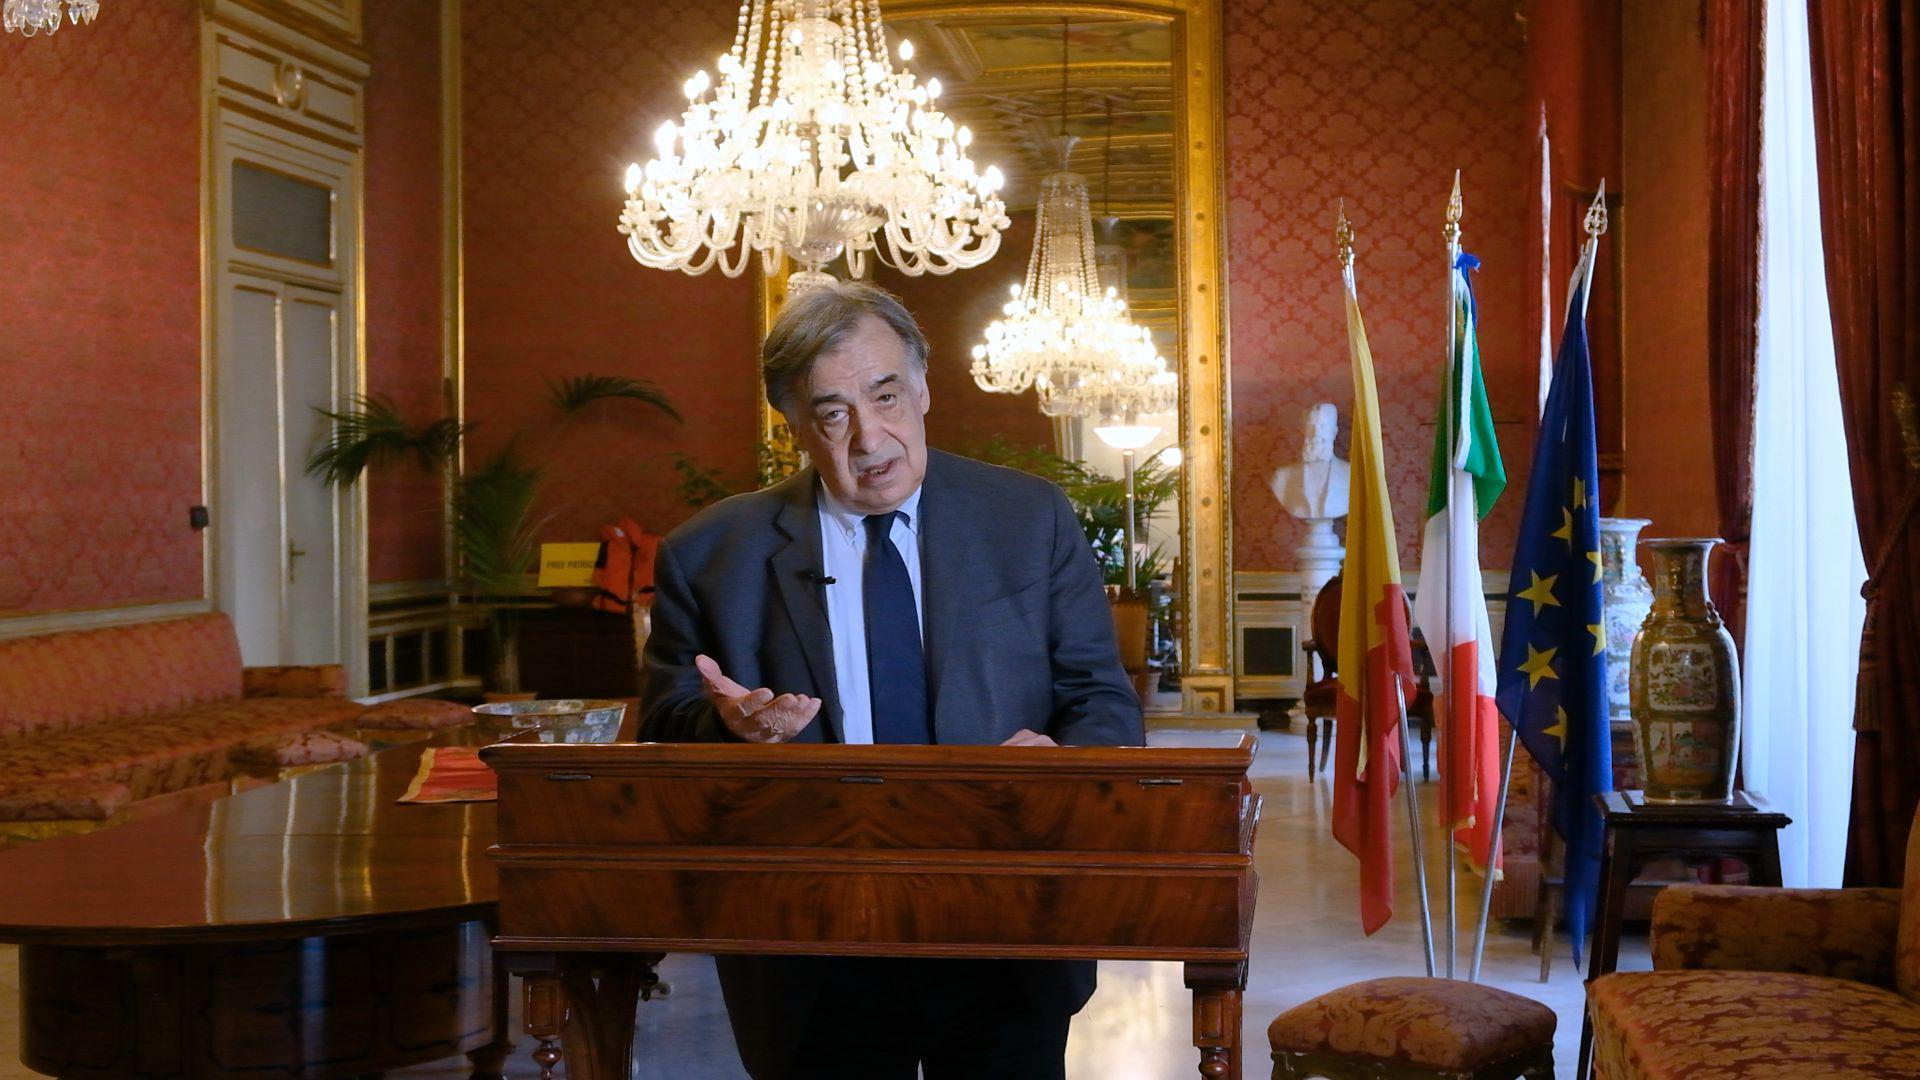 Leoluca Orlando, Bürgermeister von Palermo, bei seiner Eröffnungsrede zu den Europäischen Kulturtagen Karlsruhe 2021.